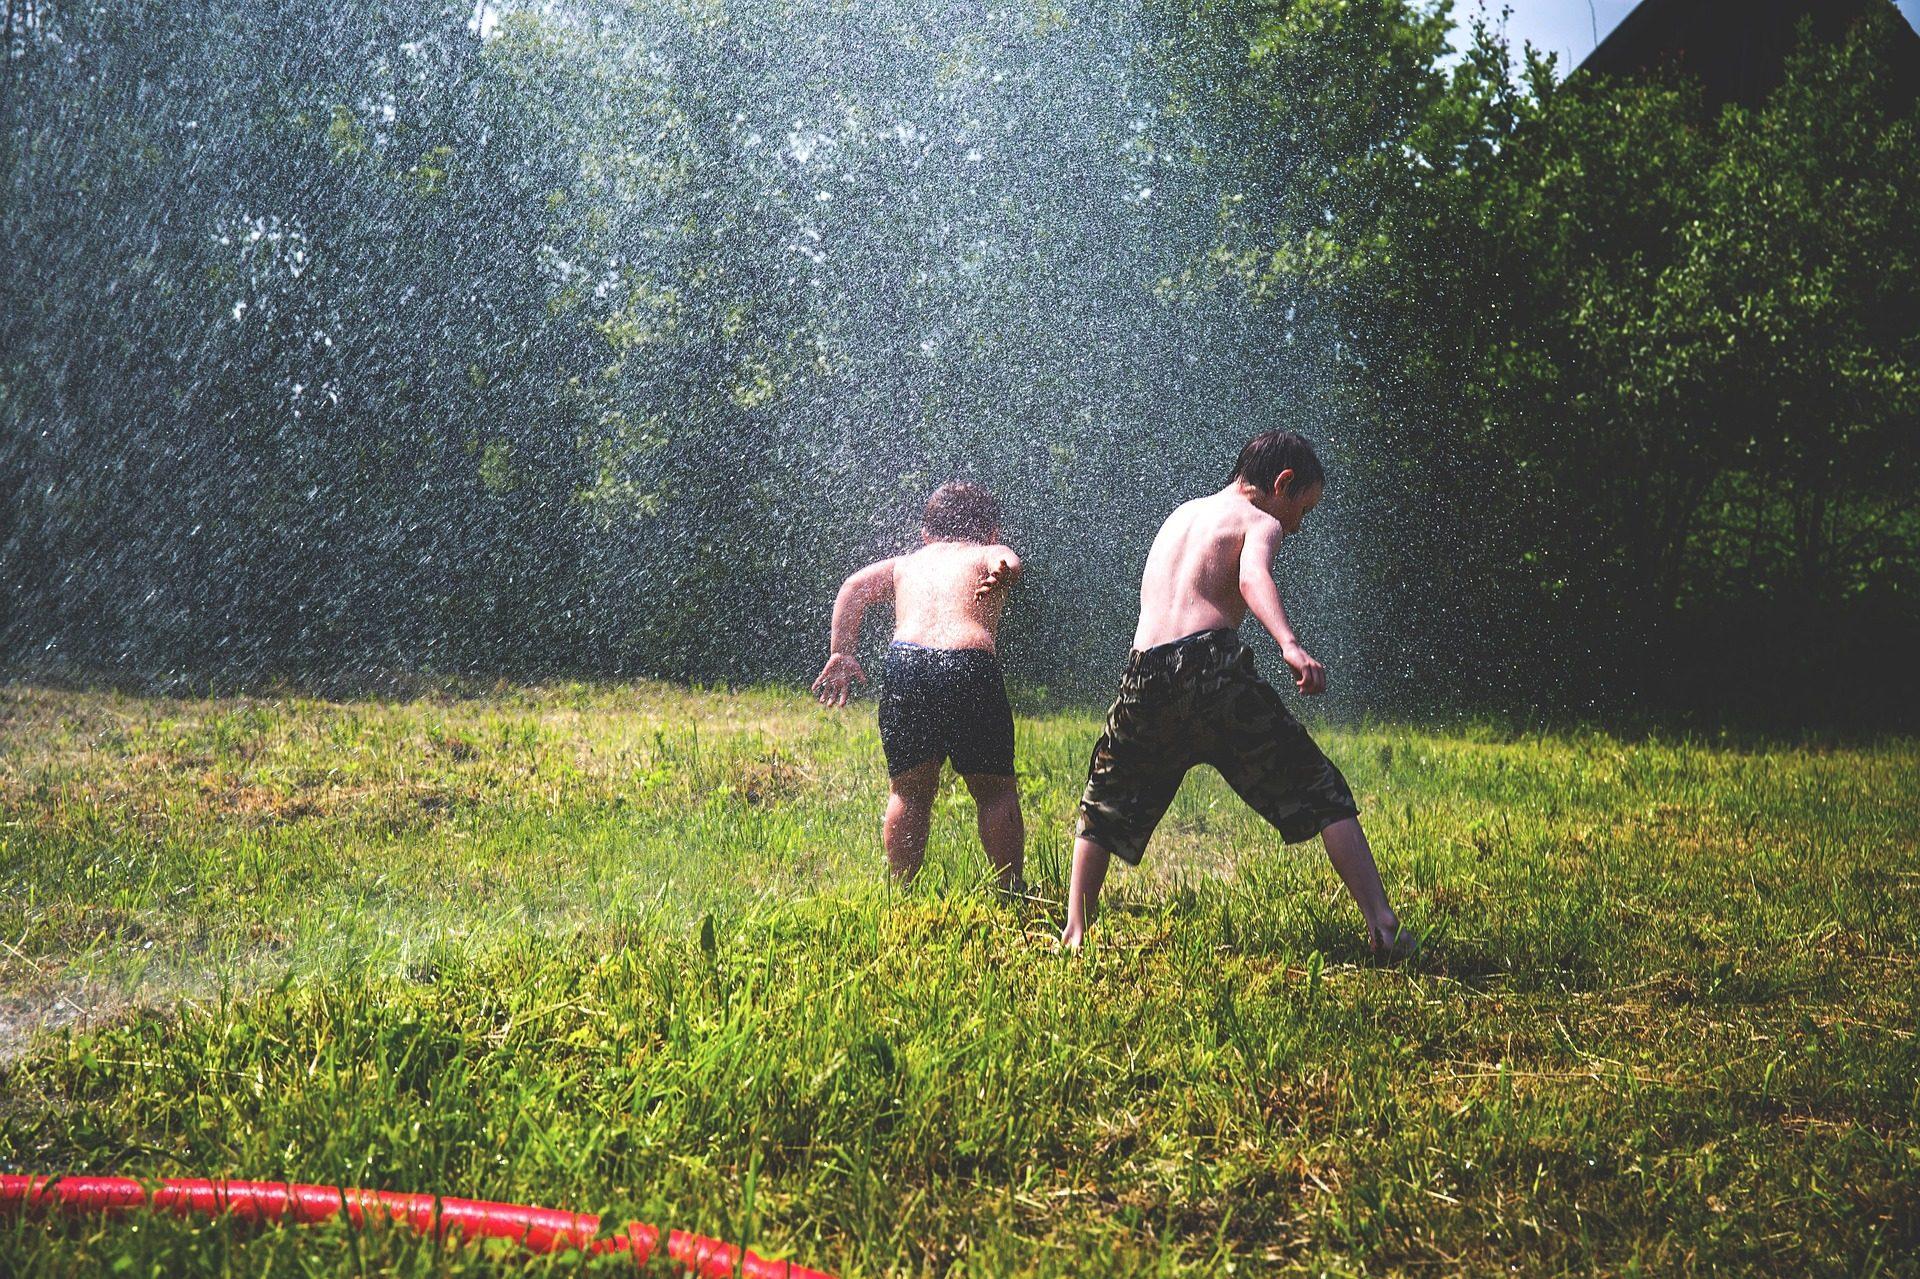 niños, jardín, juego, agua, cesped - Fondos de Pantalla HD - professor-falken.com